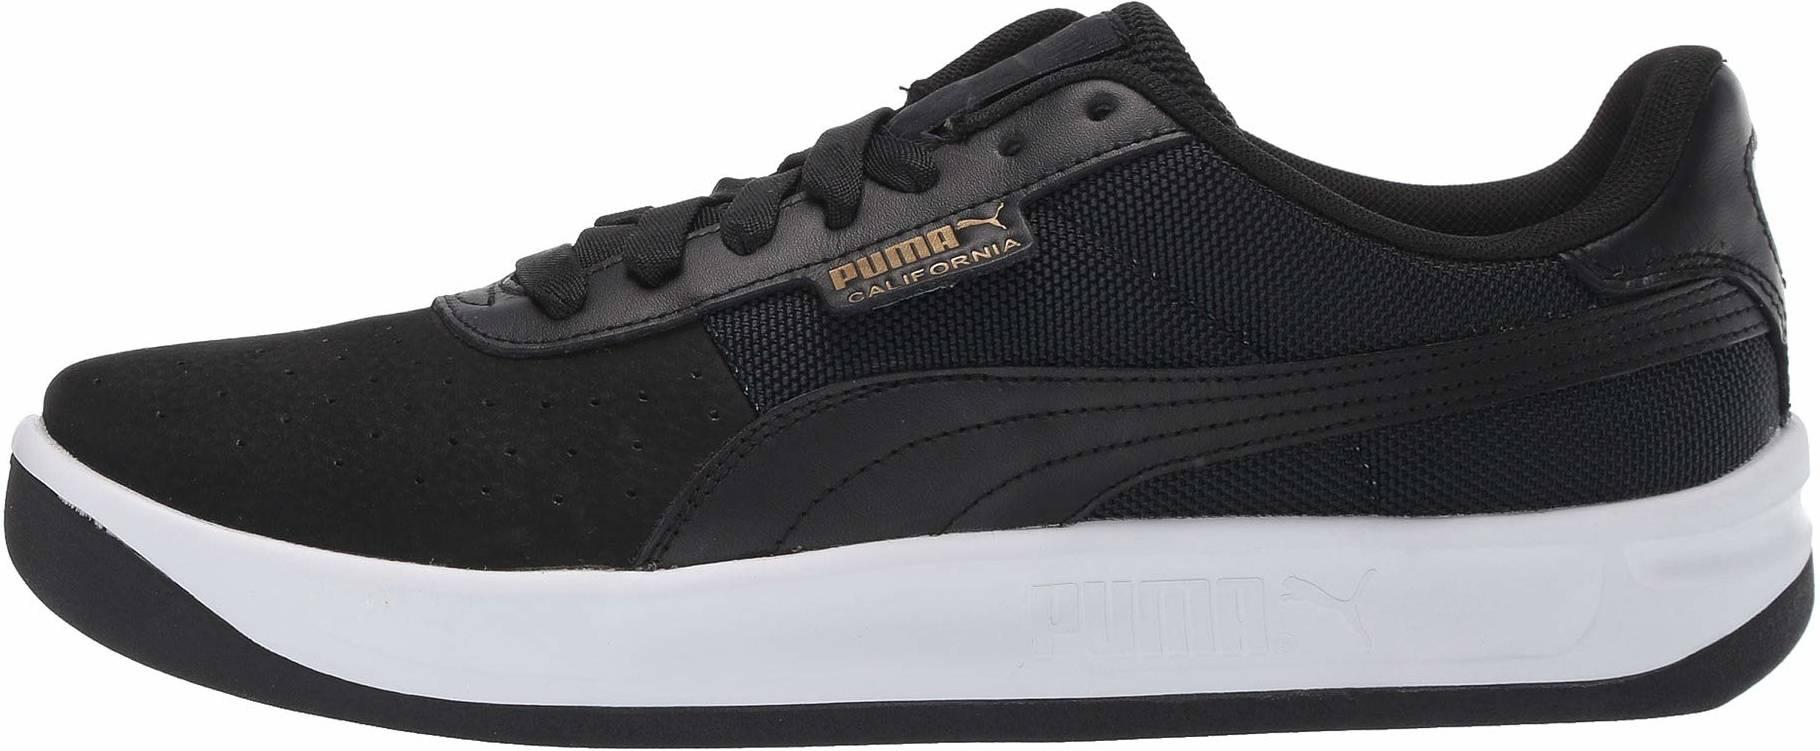 Plano Casi mayor  Puma California sneakers in black (only $45) | RunRepeat